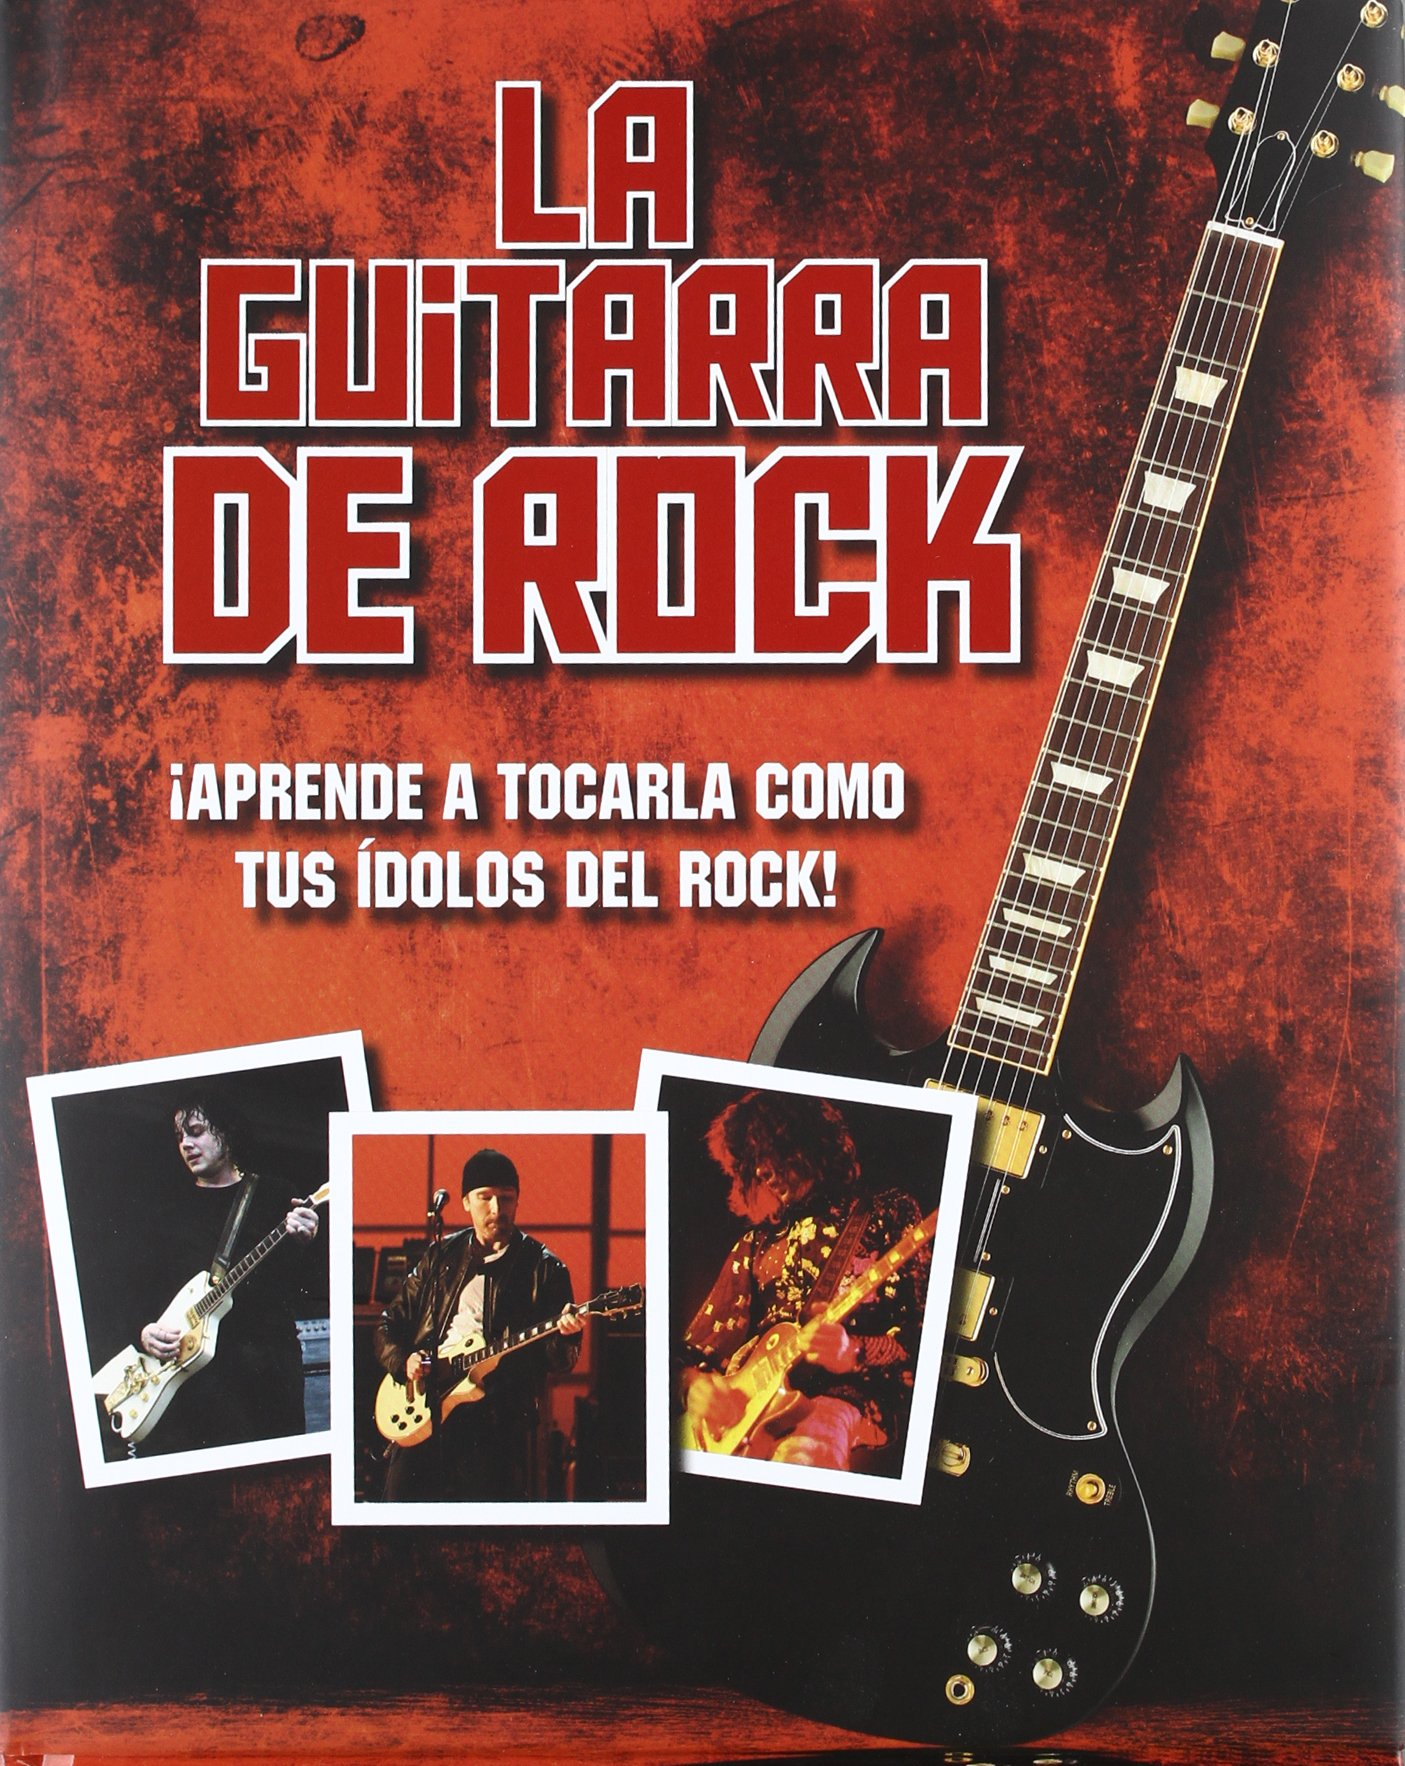 GUITARRA DE ROCK APRENDE A TOCARLA COMO TUS IDOLOS DEL: Amazon.es: AA.VV.: Libros